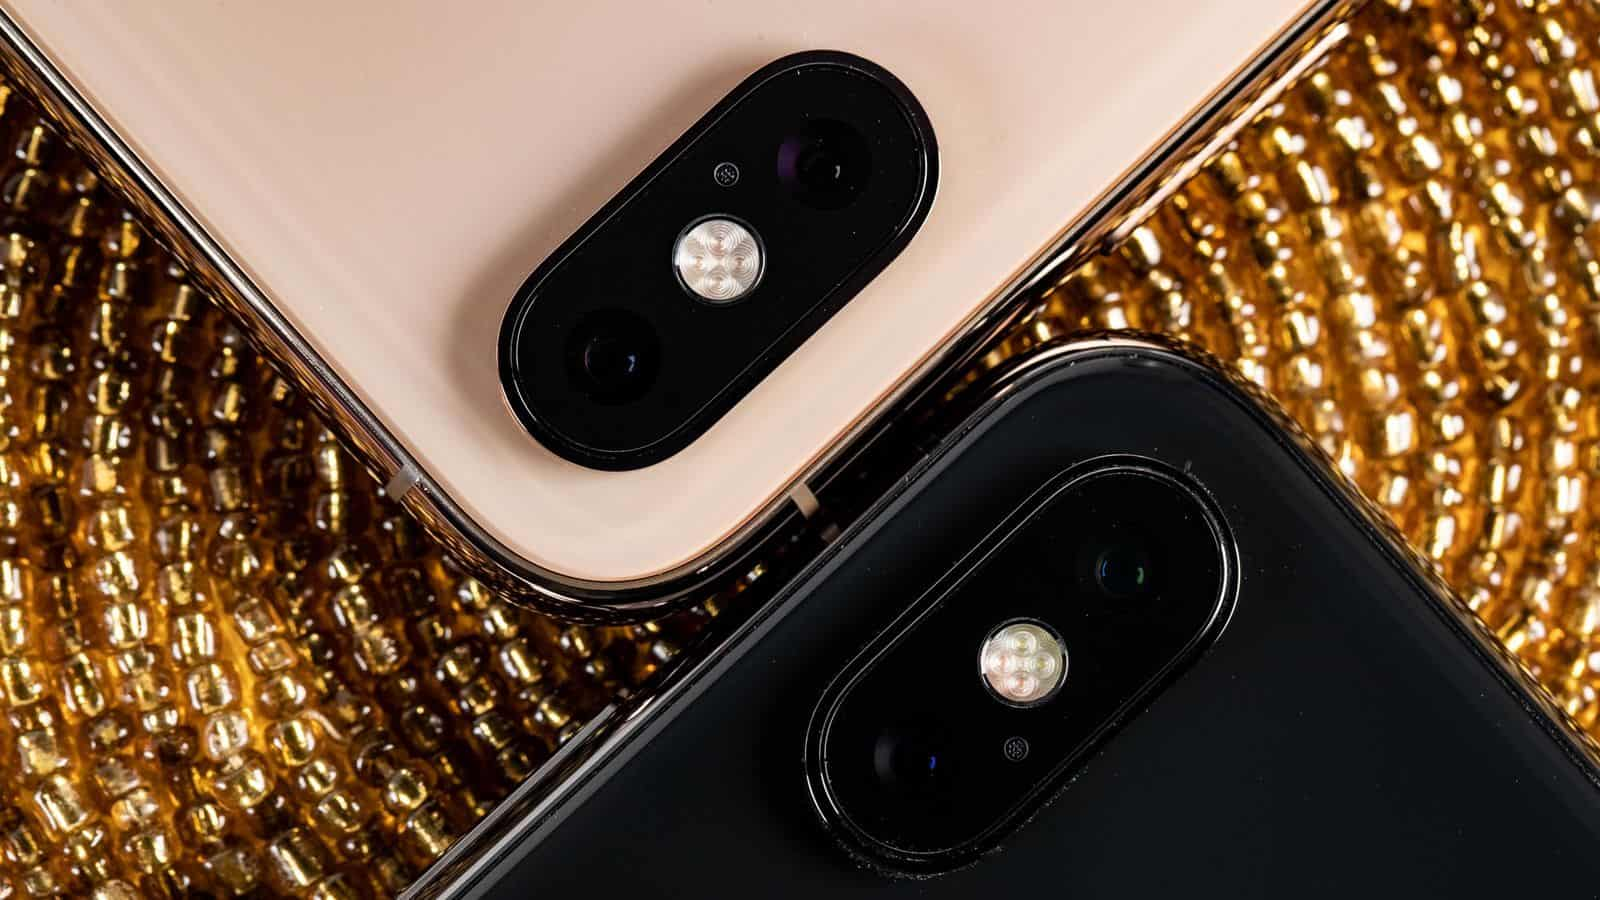 Đang sử dụng iPhone X nâng cấp lên XS liệu có còn phù hợp trong năm 2020? - 4